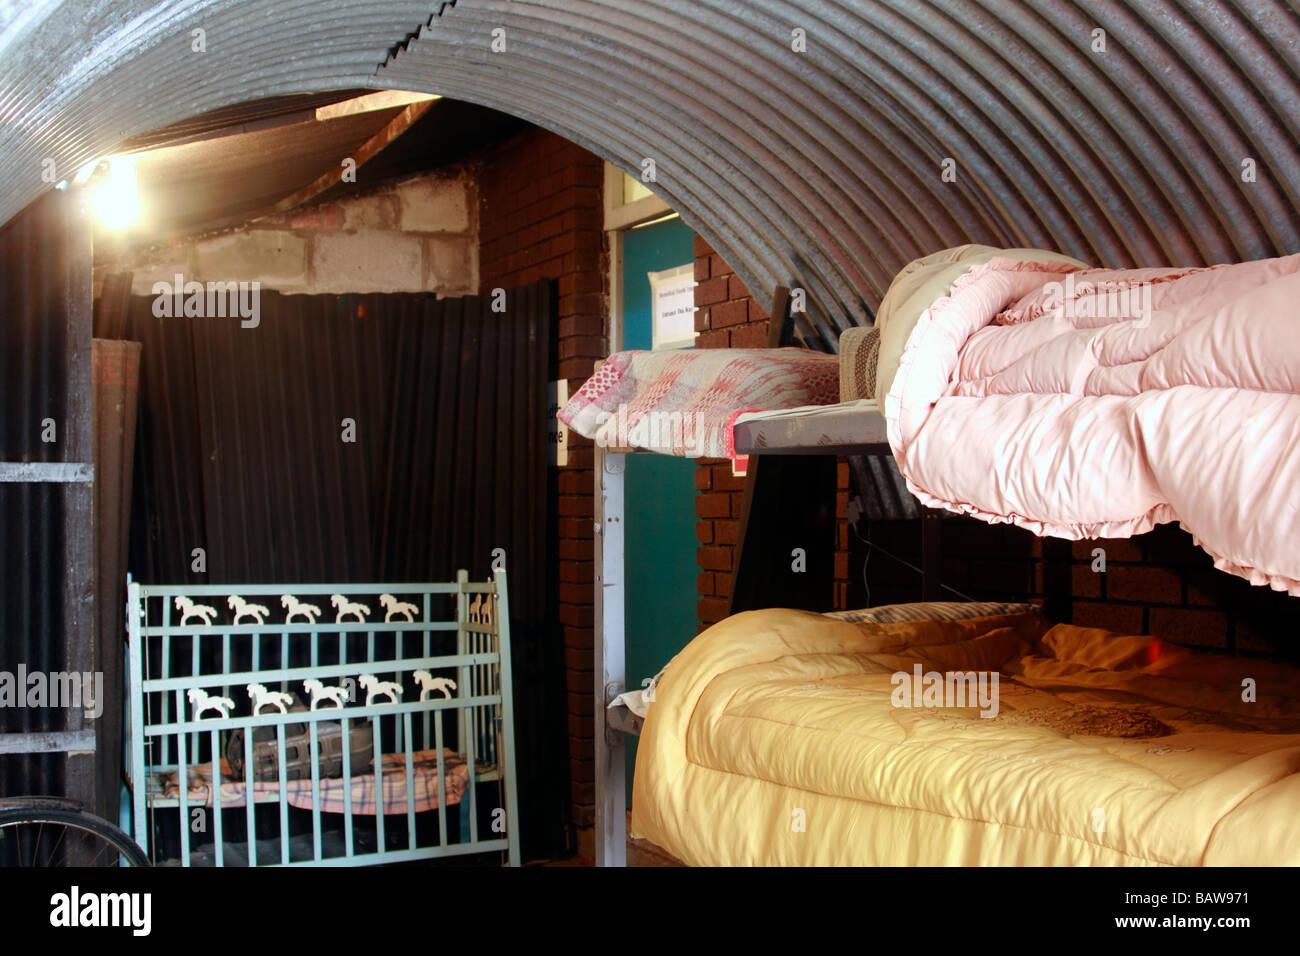 Anderson Schutz Mit Etagenbetten In Den 1940er Jahren Swansea Bay  Reenactment Stockbild